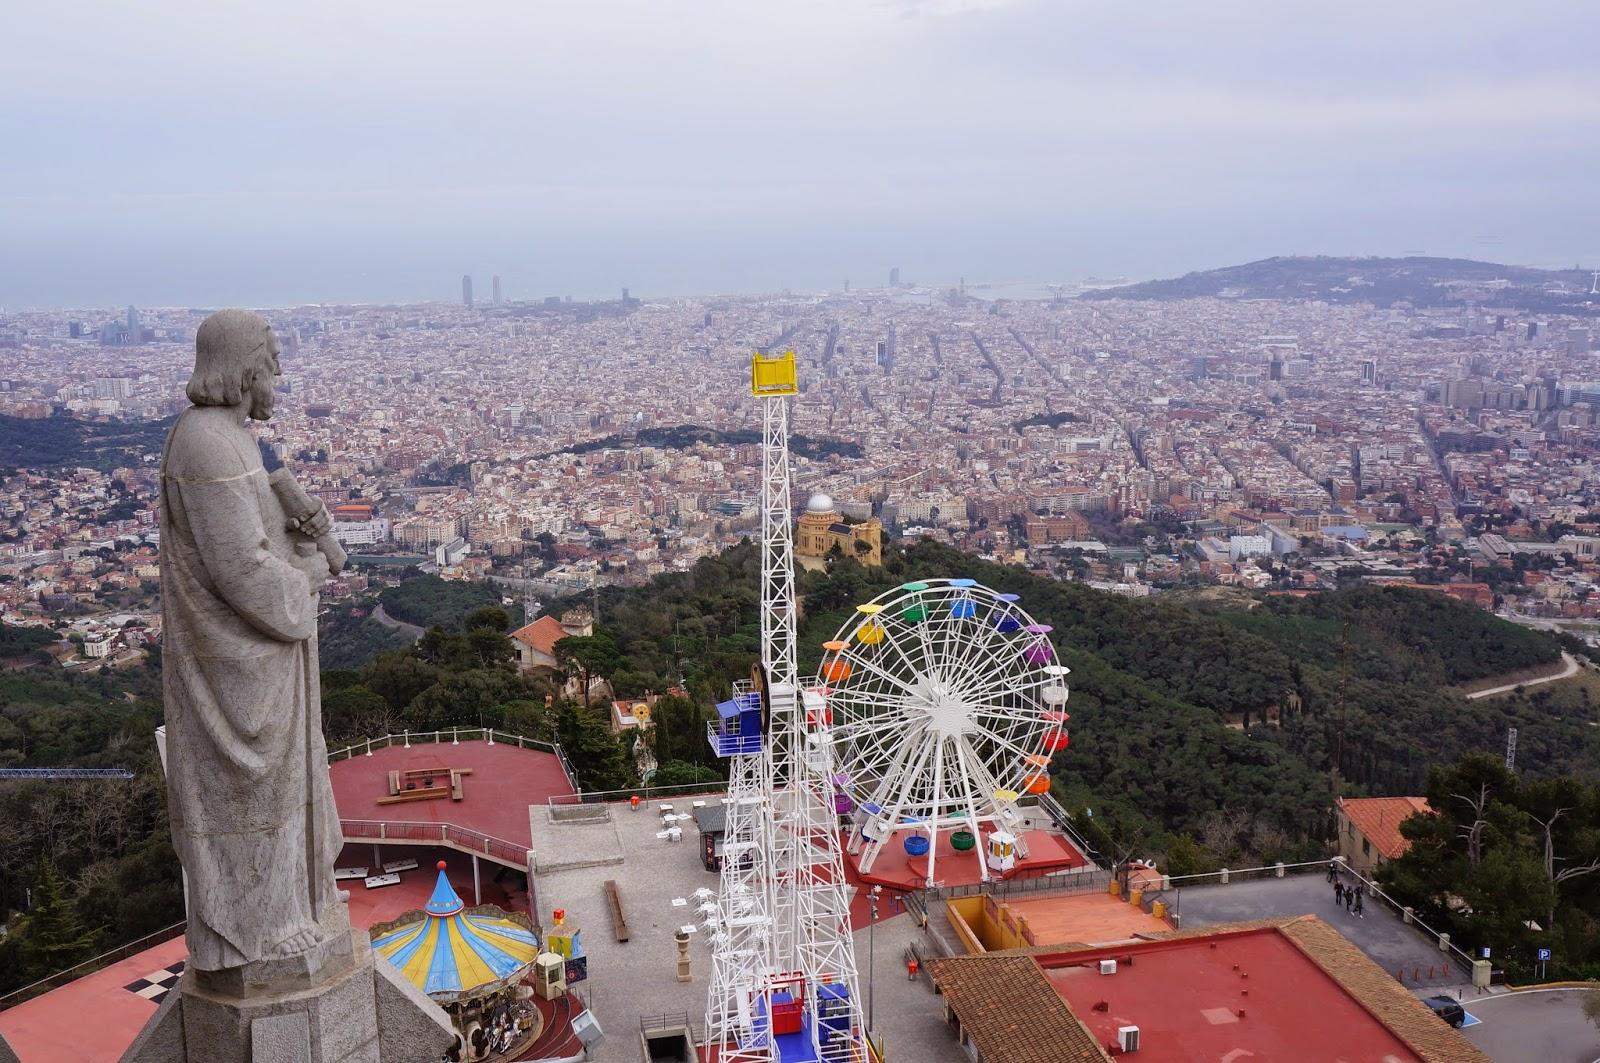 О горе Тибидабо: как добираться из Барселоны в Храм Святого Сердца